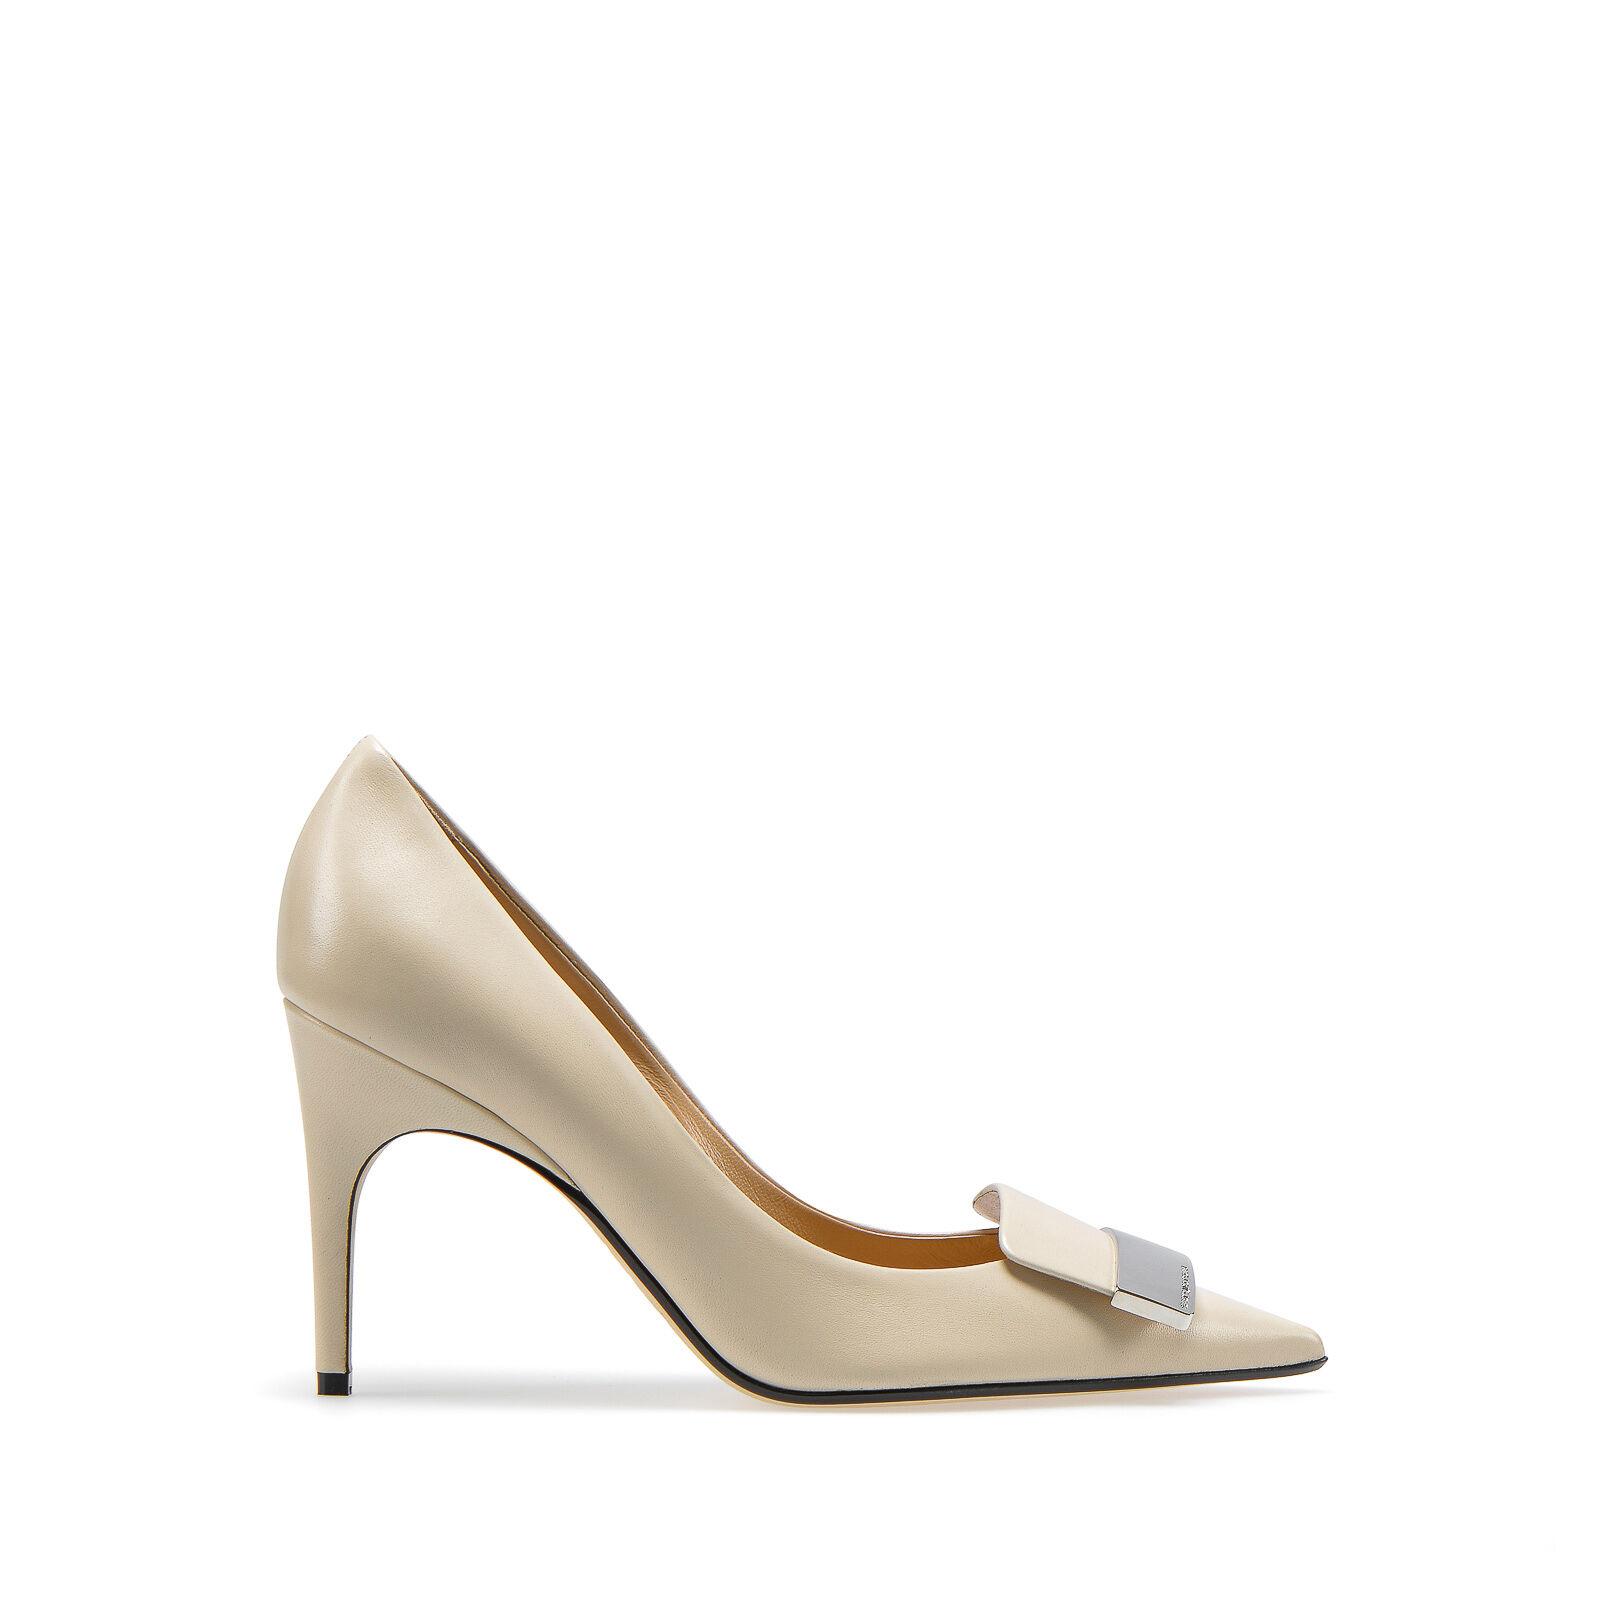 Sergio Rossi Sneakers Size 36 Color Silver